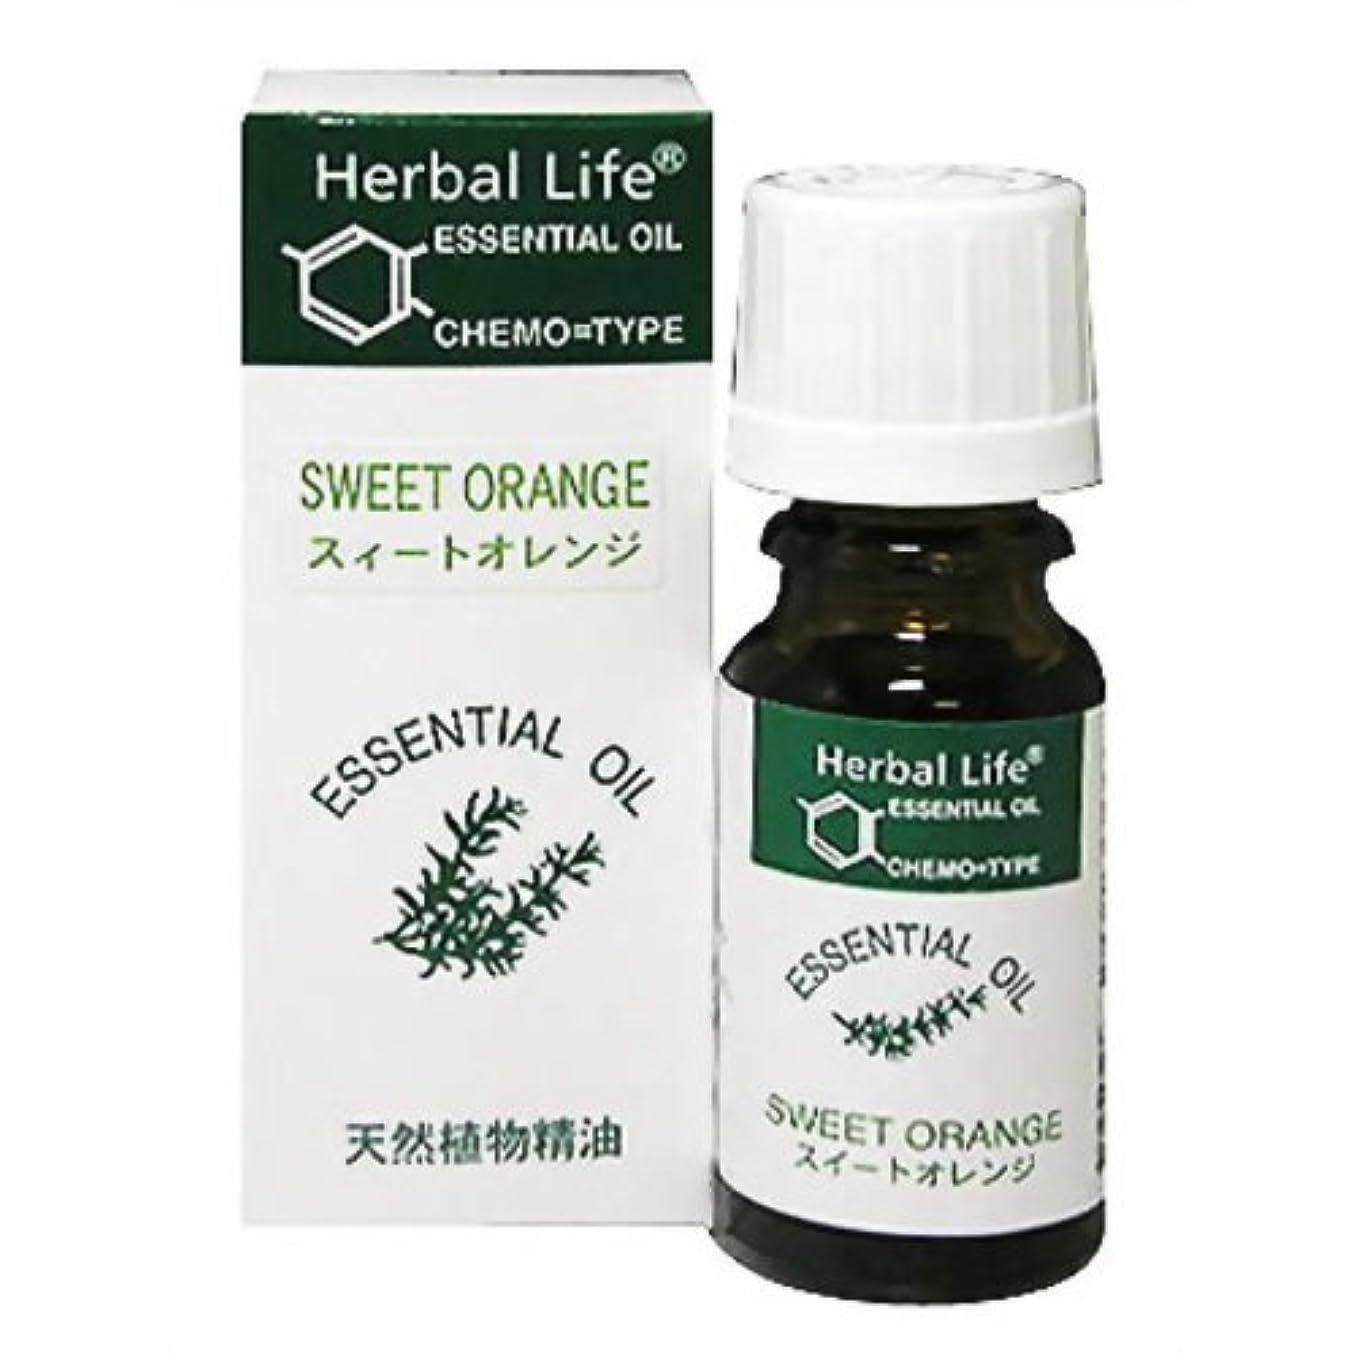 突っ込むストッキング贈り物生活の木 Herbal Life スィートオレンジ 10ml